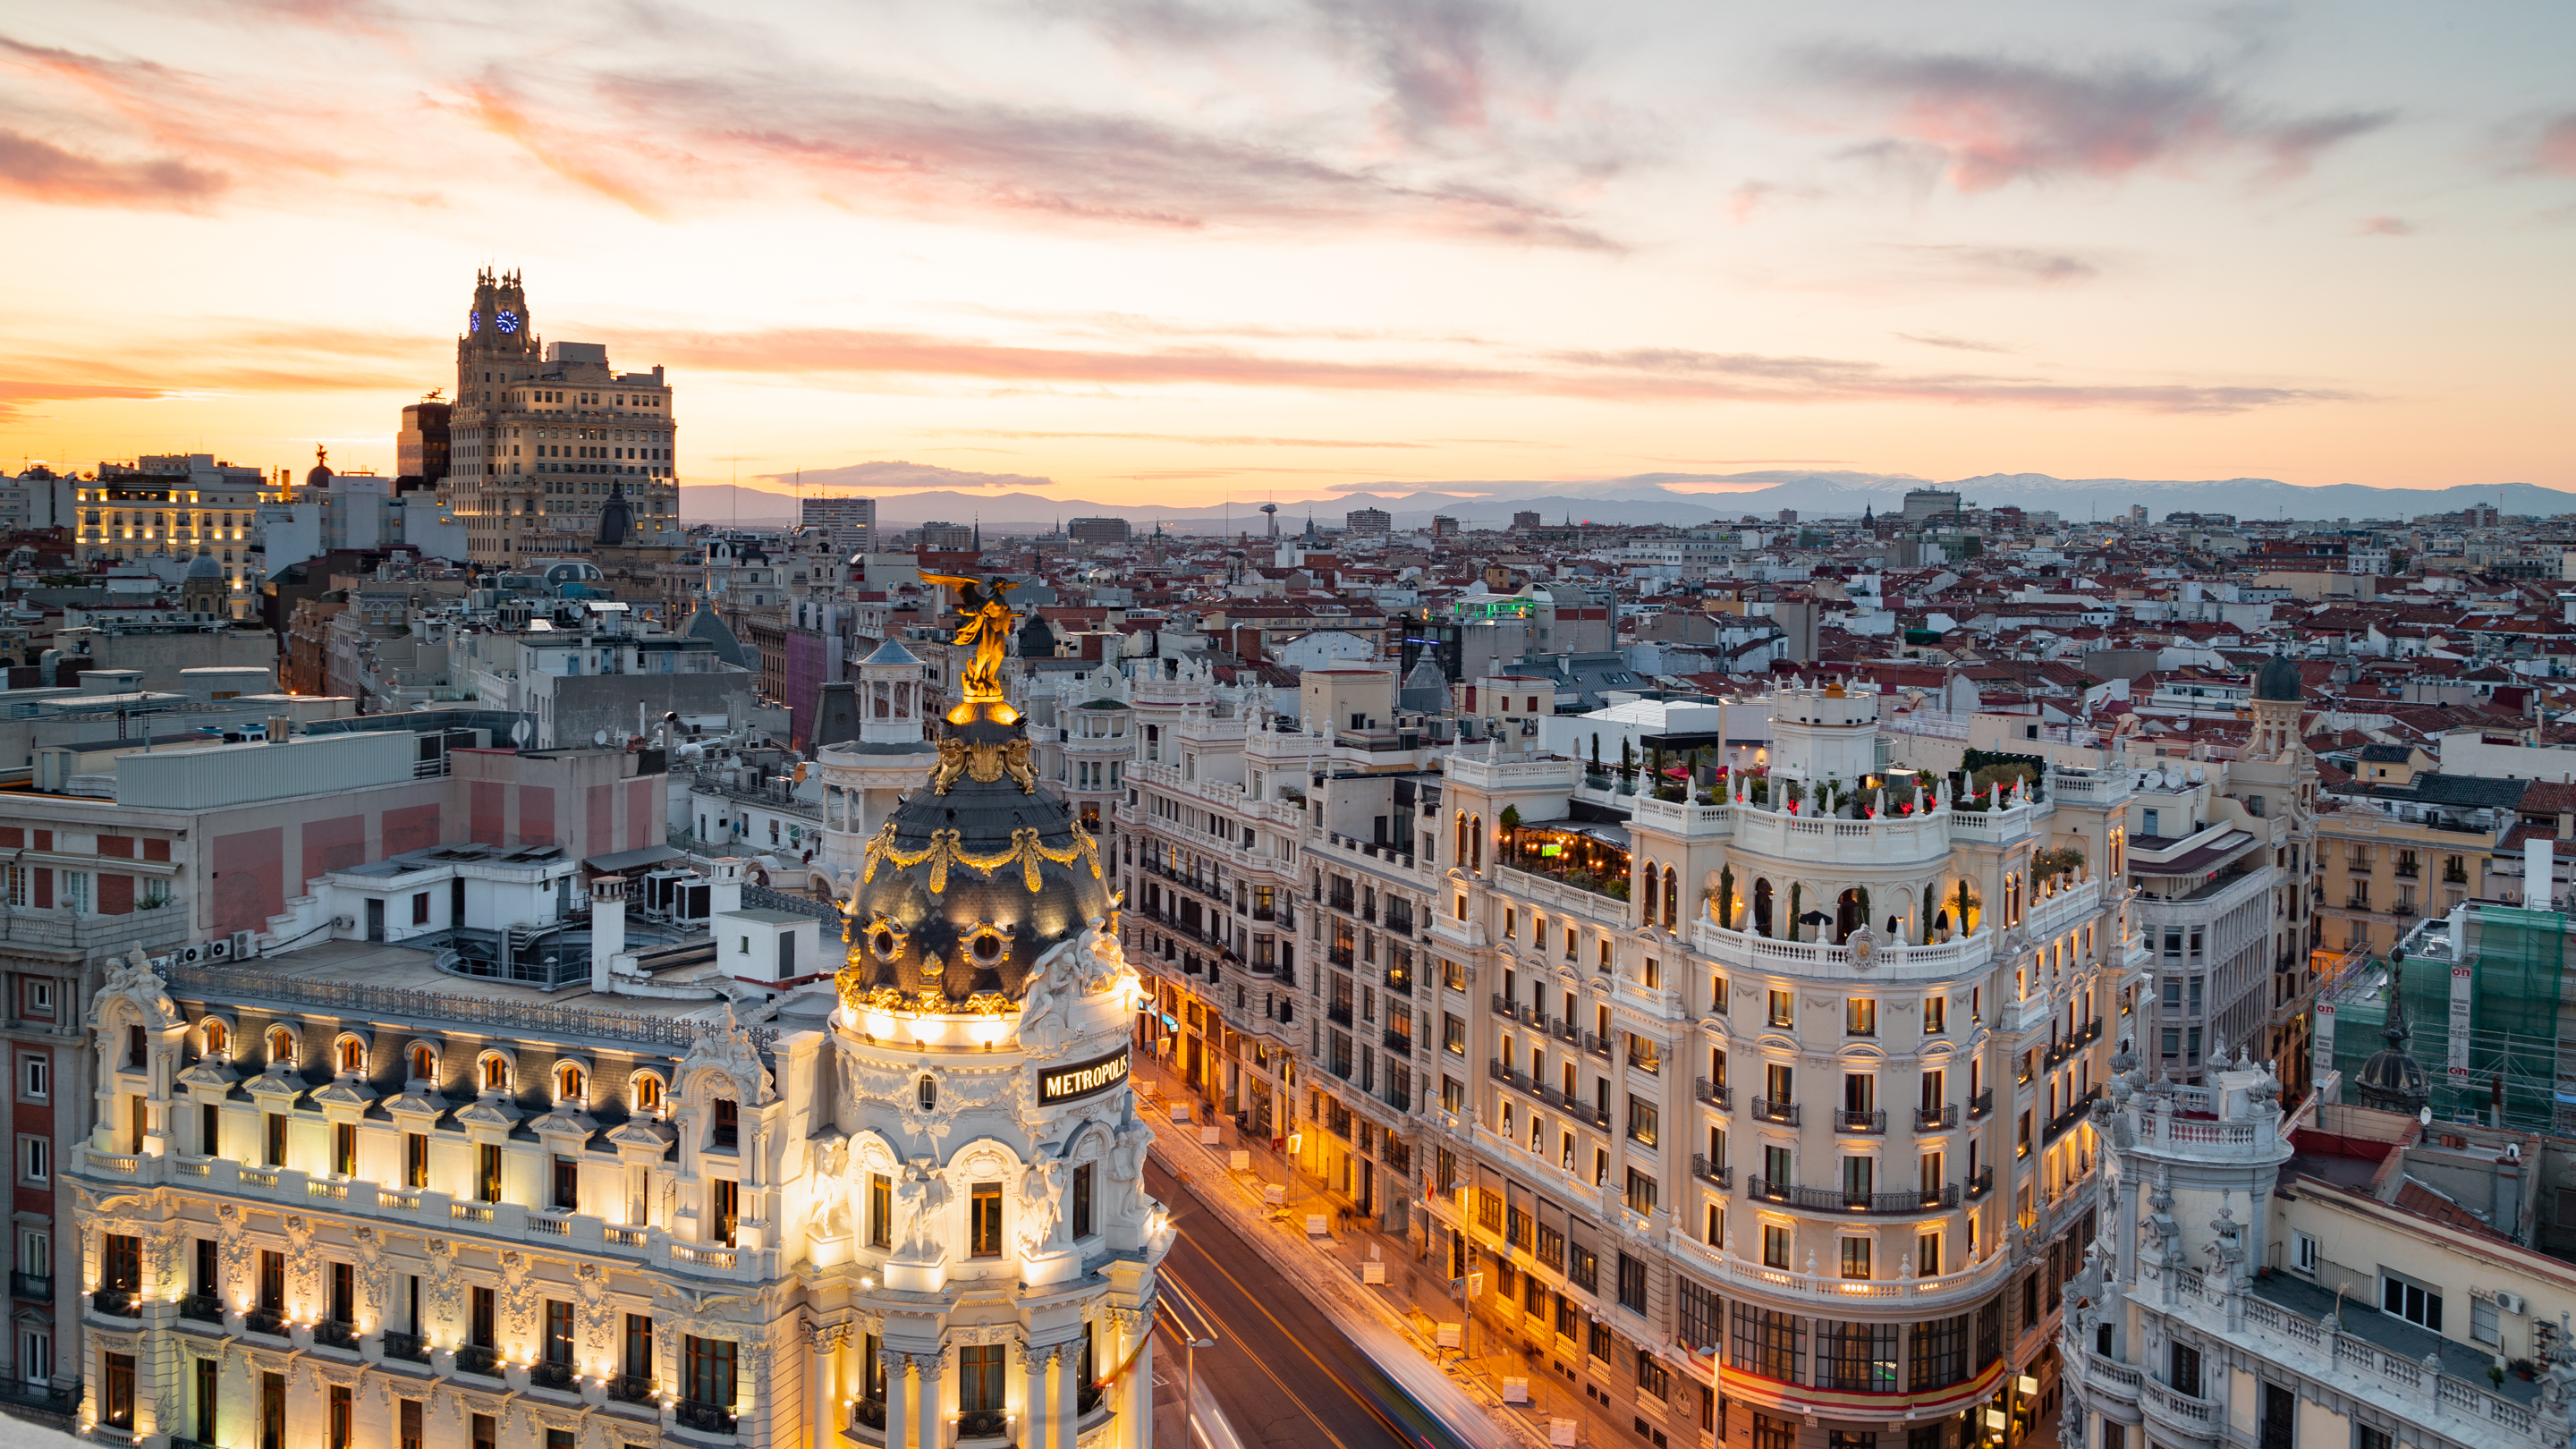 Imagebox_-_Circulo_de_Bellas_Artes_Madrid_-_2018_05_03_Madrid-387.jpg?1548991798